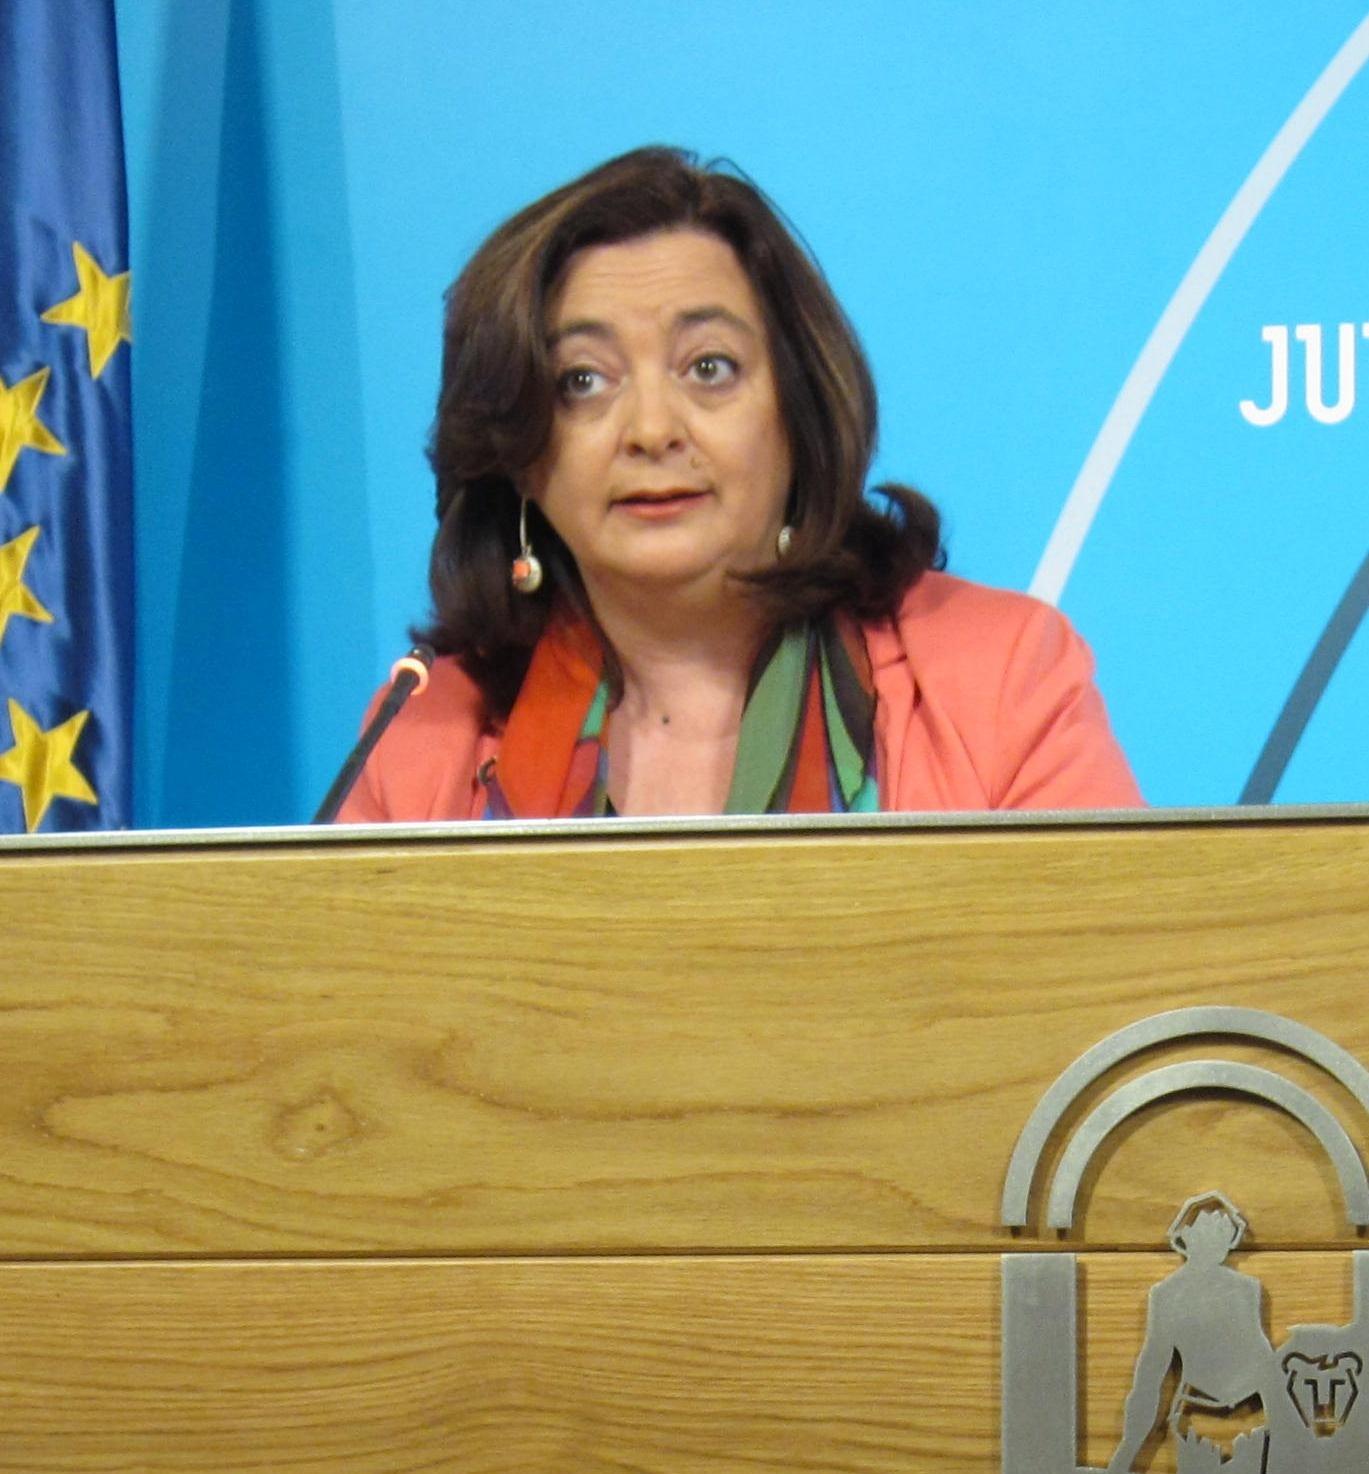 Junta insiste en negar manipulación o destrucción de documentos de ERE y acusa a PP-A de «difamar a diestro y siniestro»